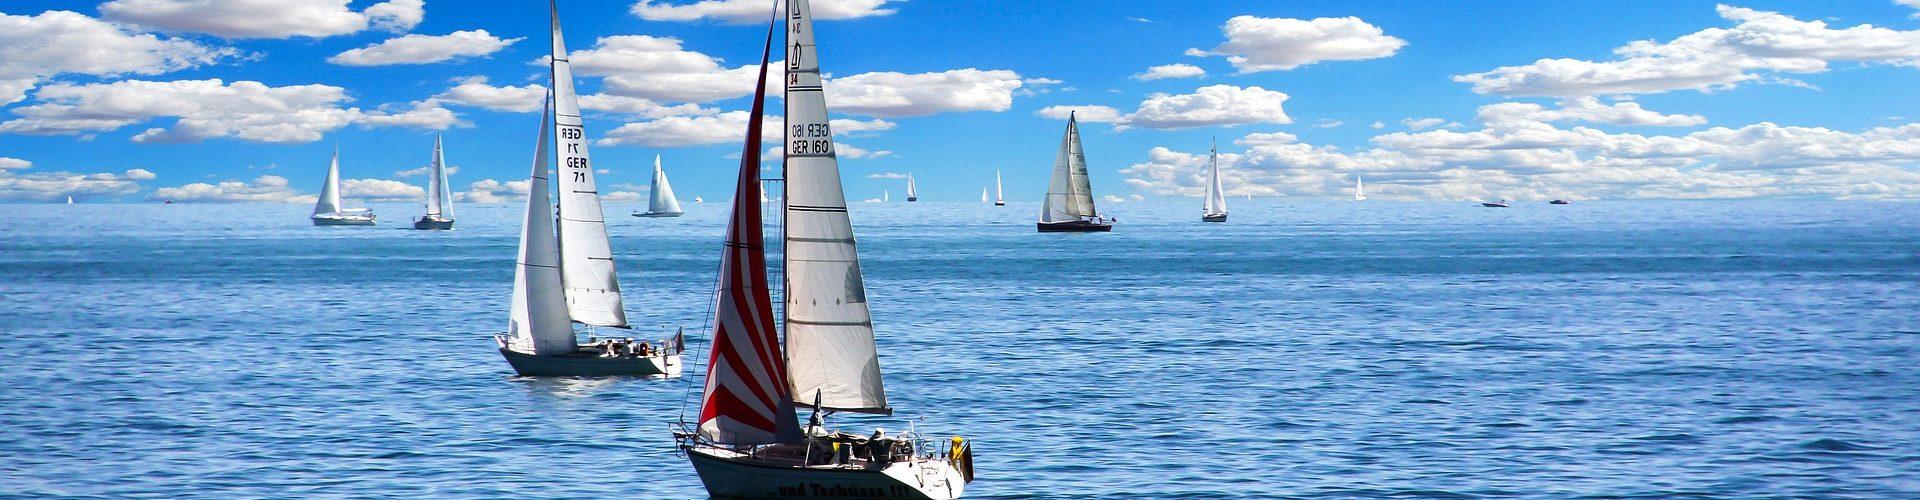 segeln lernen in Thiessow segelschein machen in Thiessow 1920x500 - Segeln lernen in Thiessow